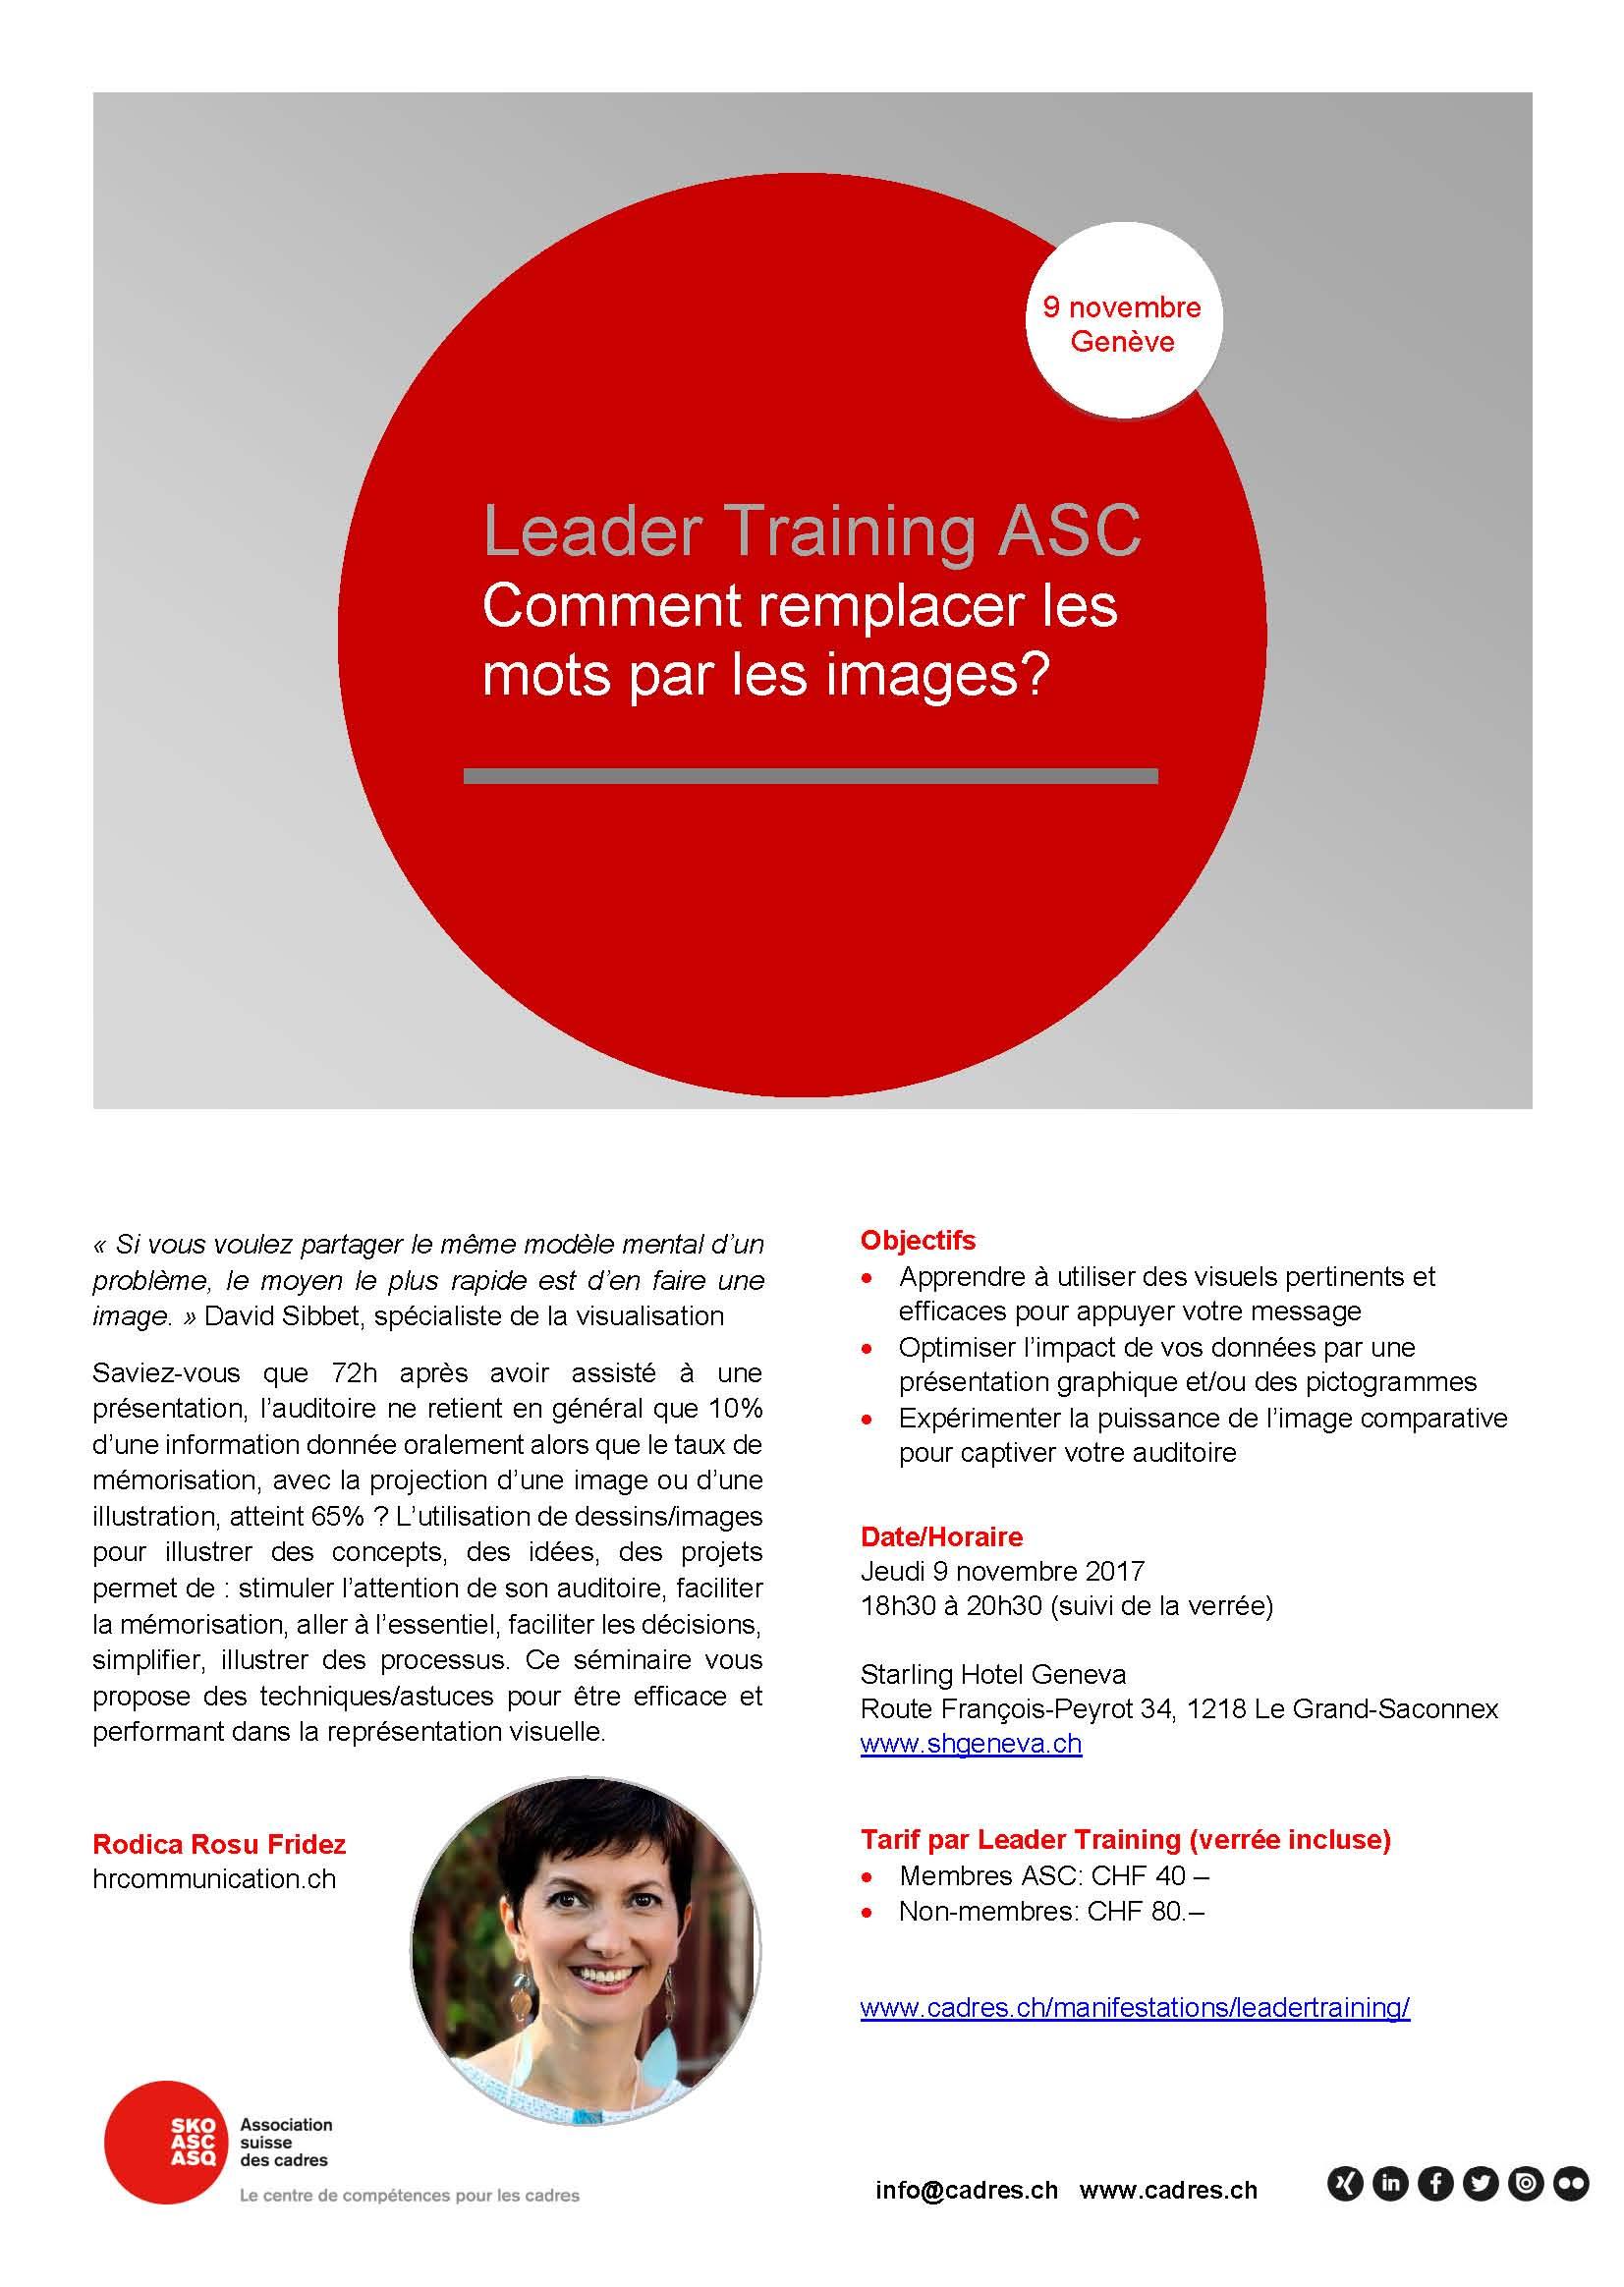 Flyer plus_Comment remplacer les mots par les images_09.11.2017_Genève